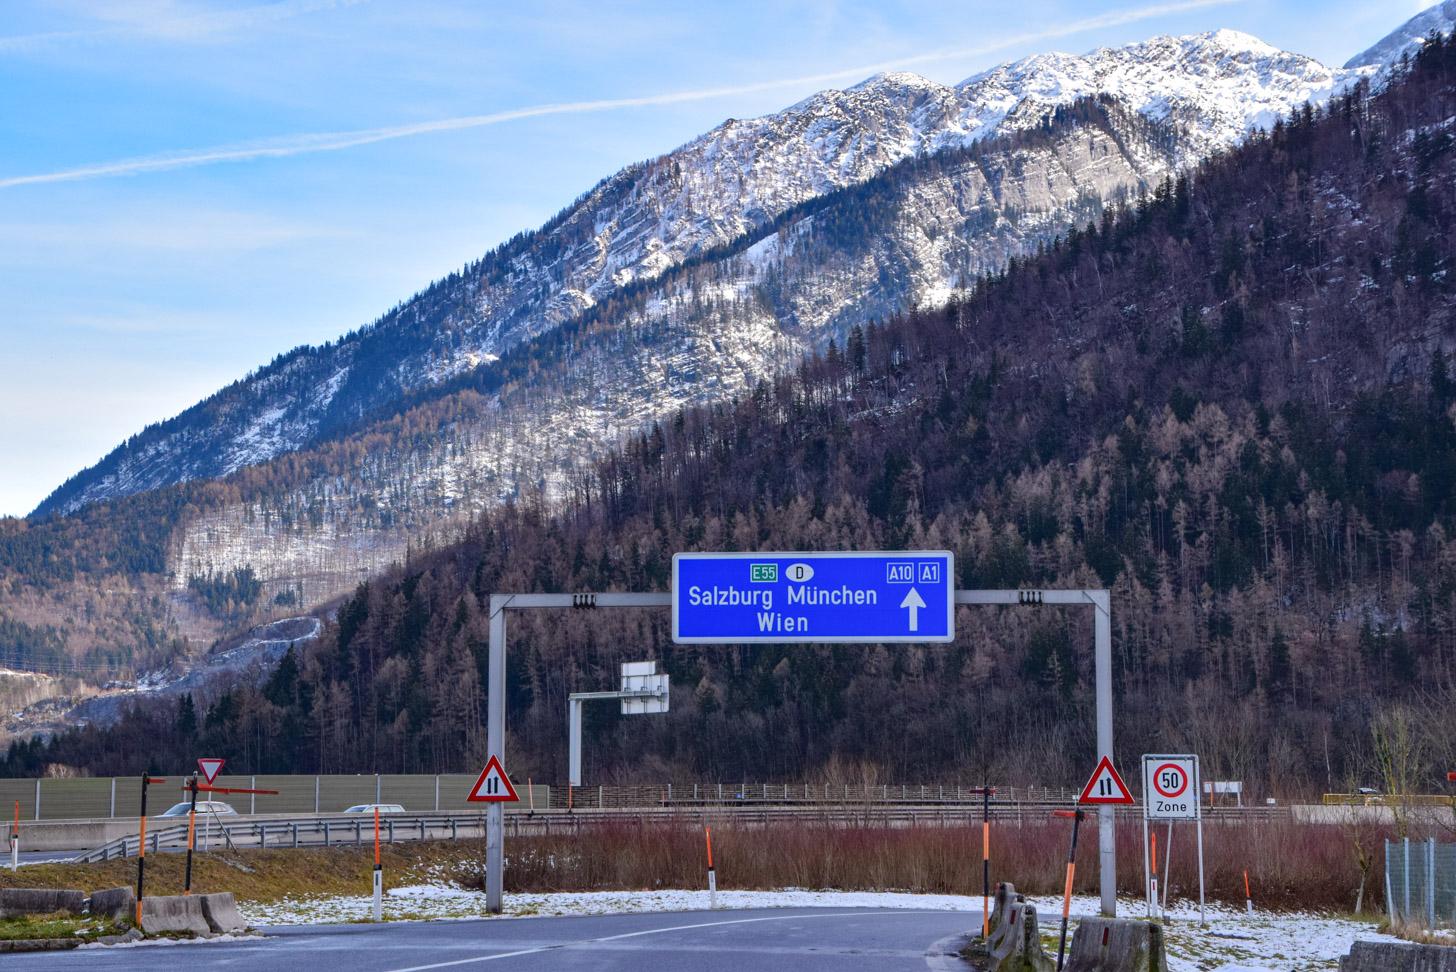 Met de auto naar Salzburg reizen